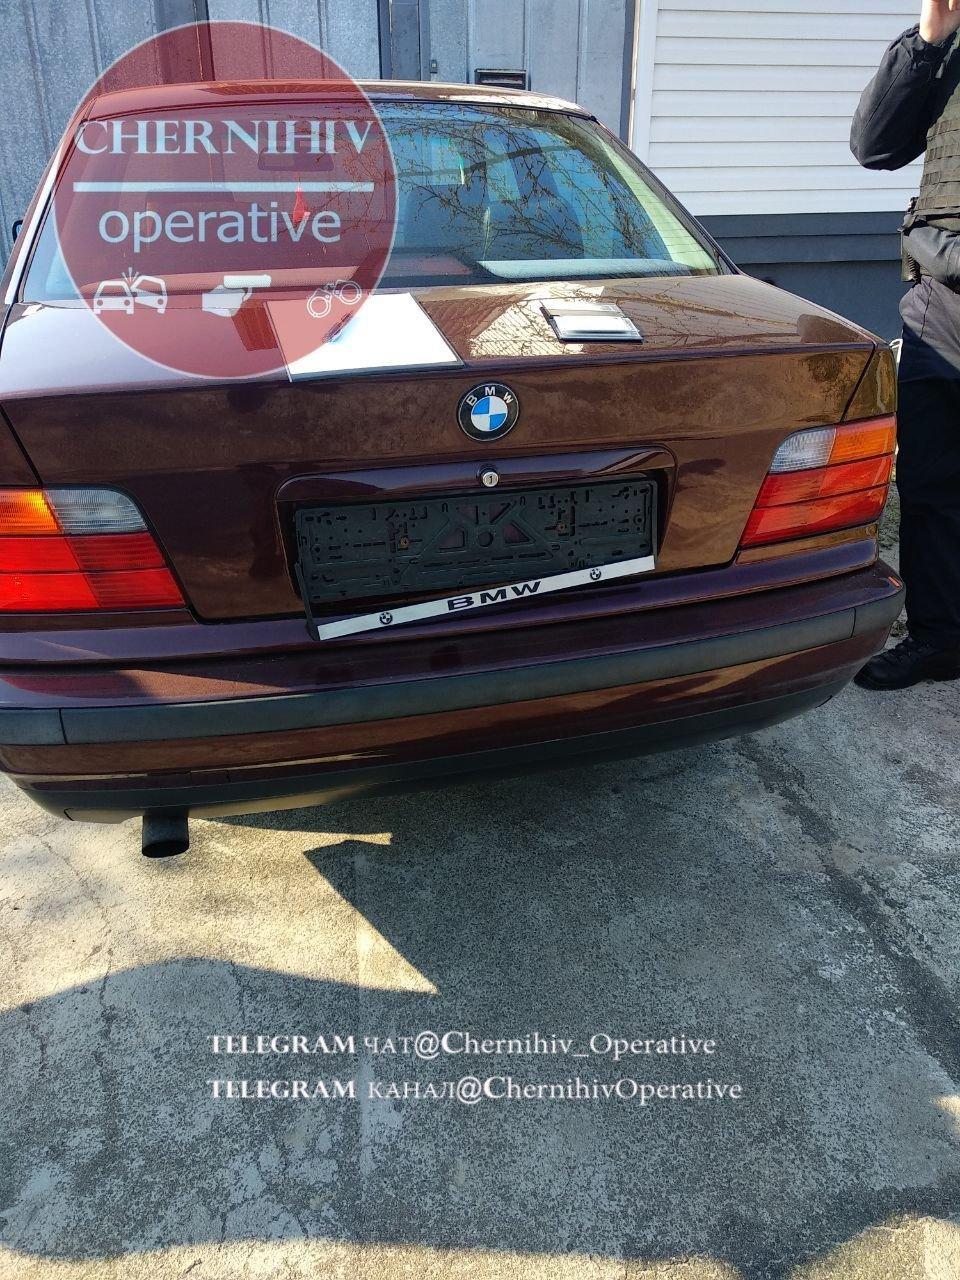 11 чернігівських автомобілів залишились без номерів, фото-11